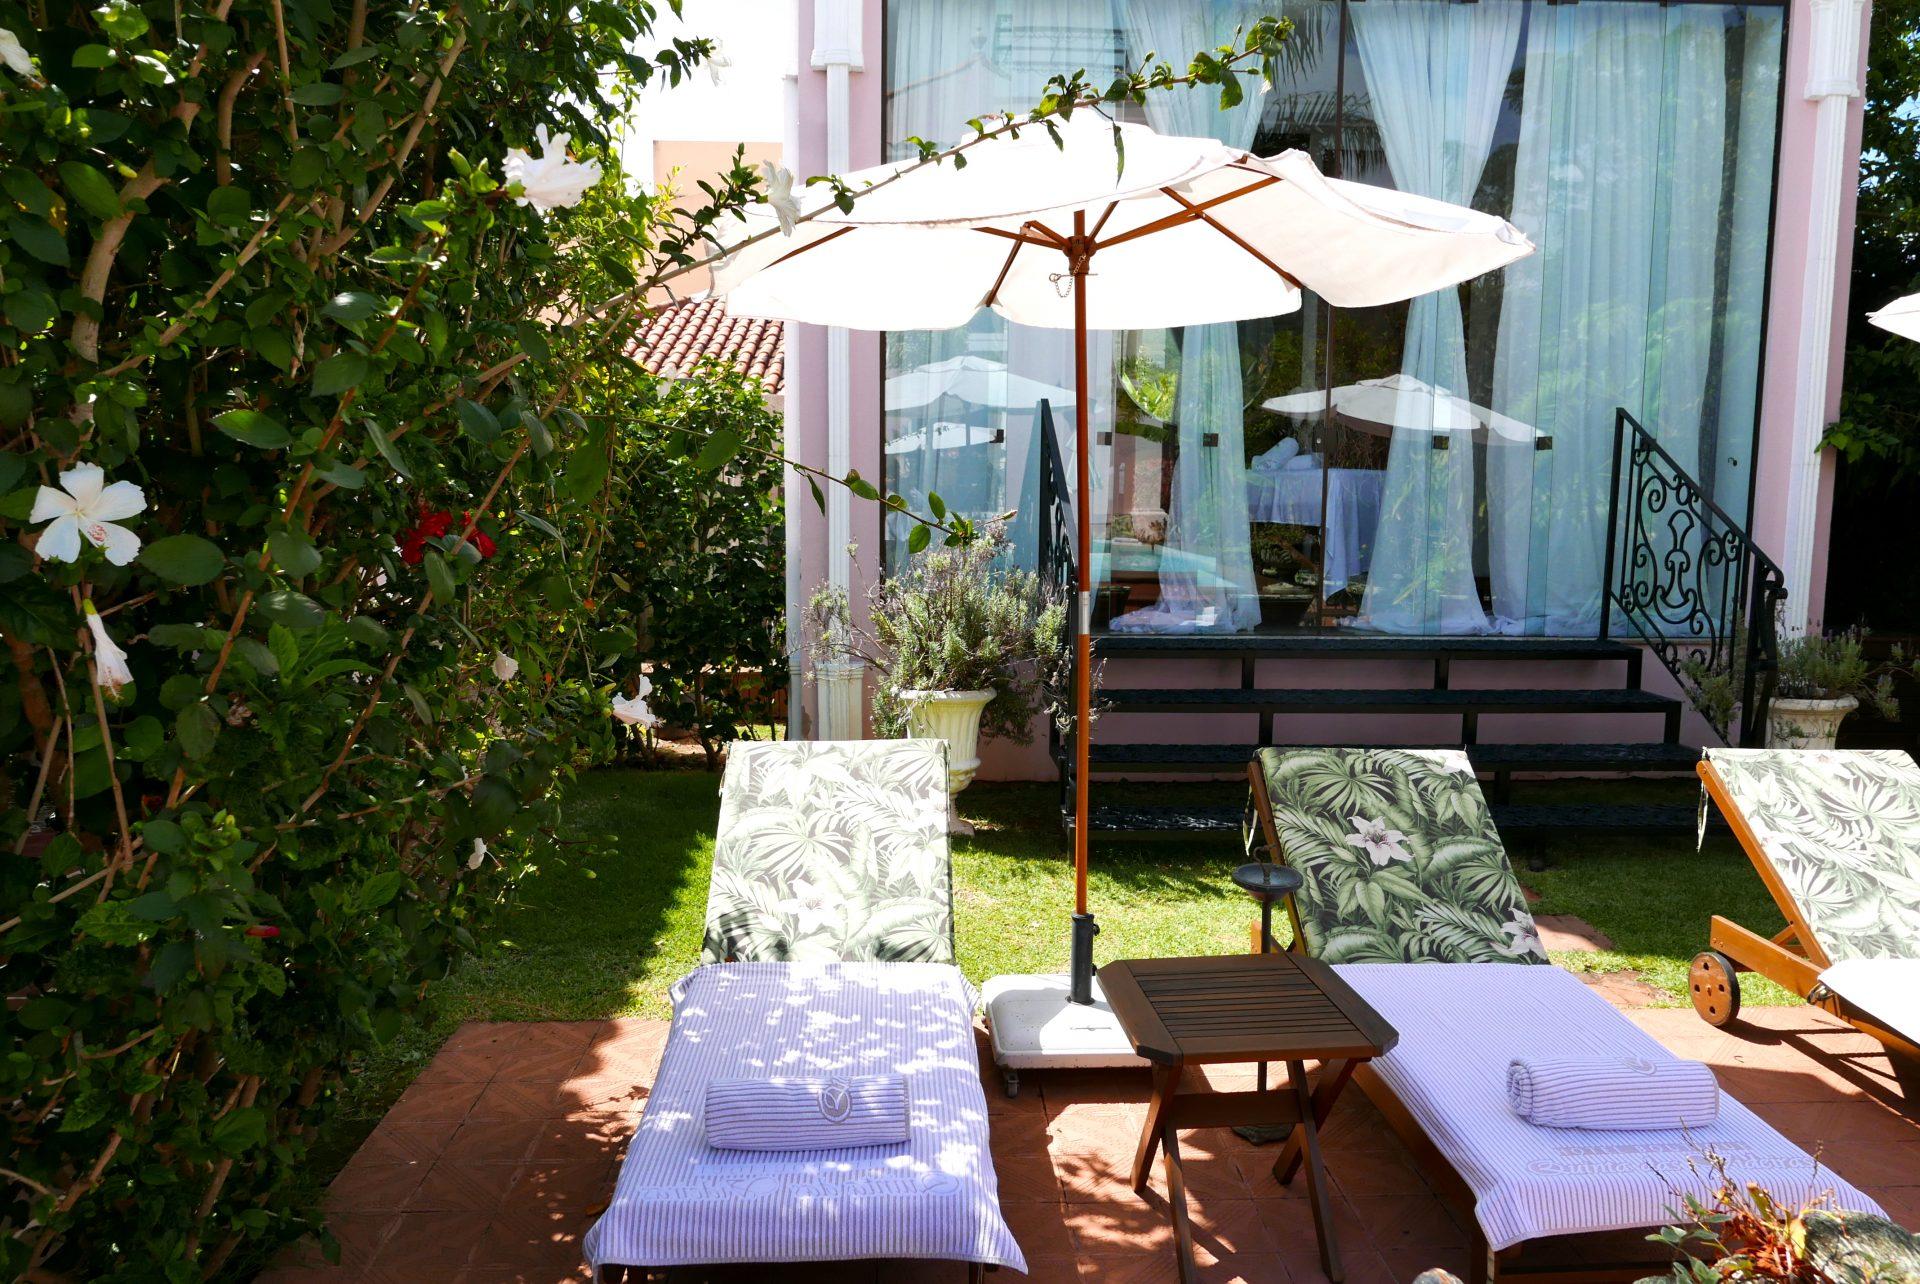 O paisagismo + as espreguiçadeiras + o spa = relaxamento imediato